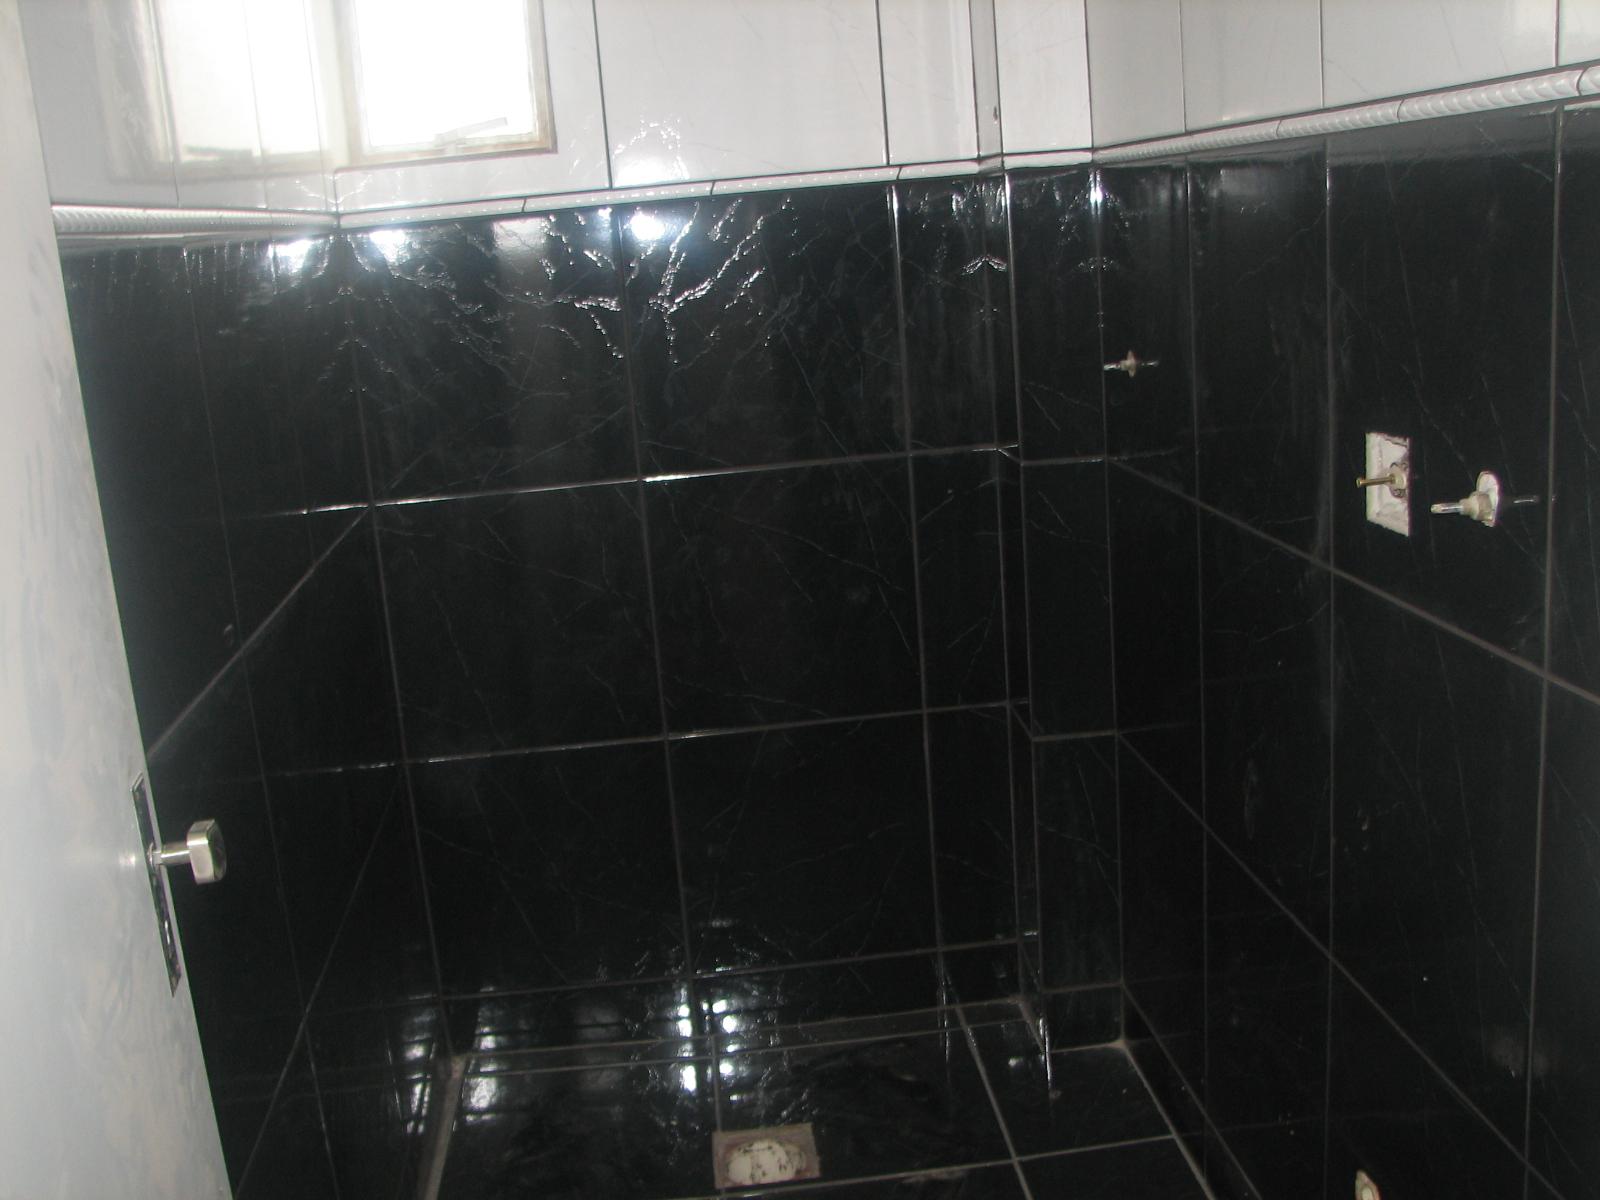 medeiros contruçao em geral 51 92319361 #5A6B71 1600x1200 Azulejos Banheiro Preto E Branco